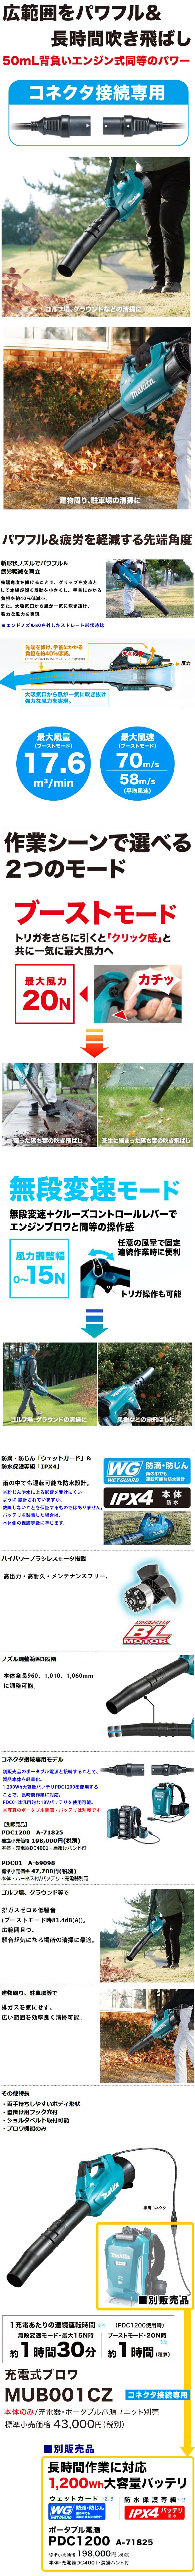 マキタ充電式ブロワMUB001CZ